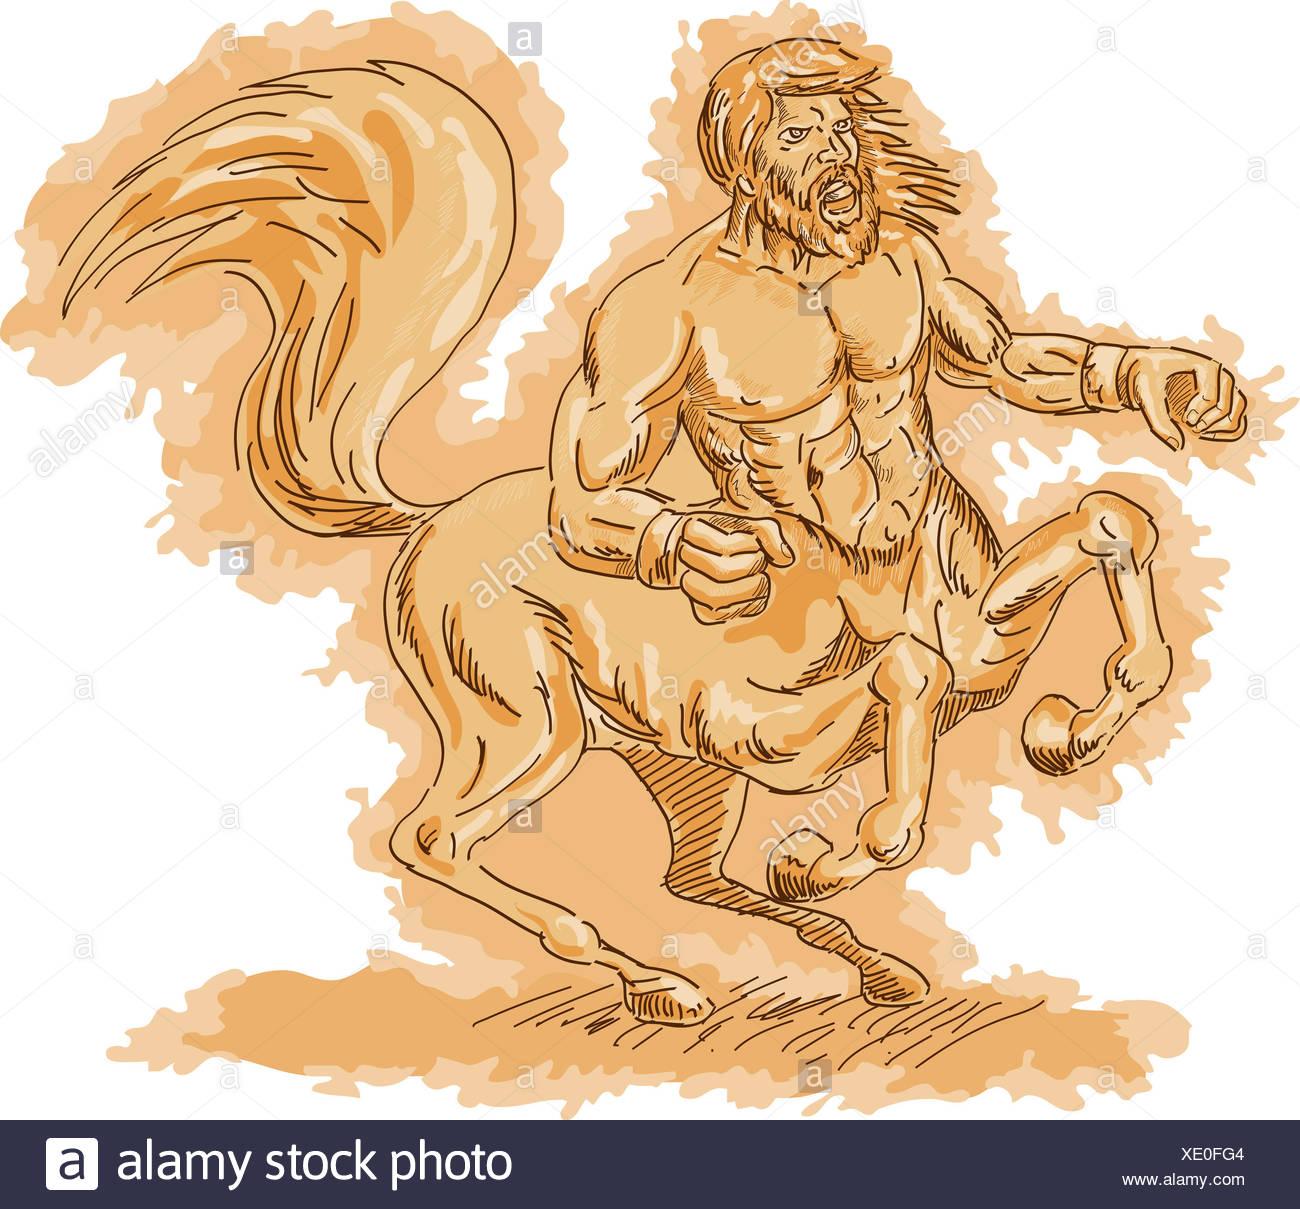 horse greek creature warrior myth legend mythology centaur horse greek - Stock Image